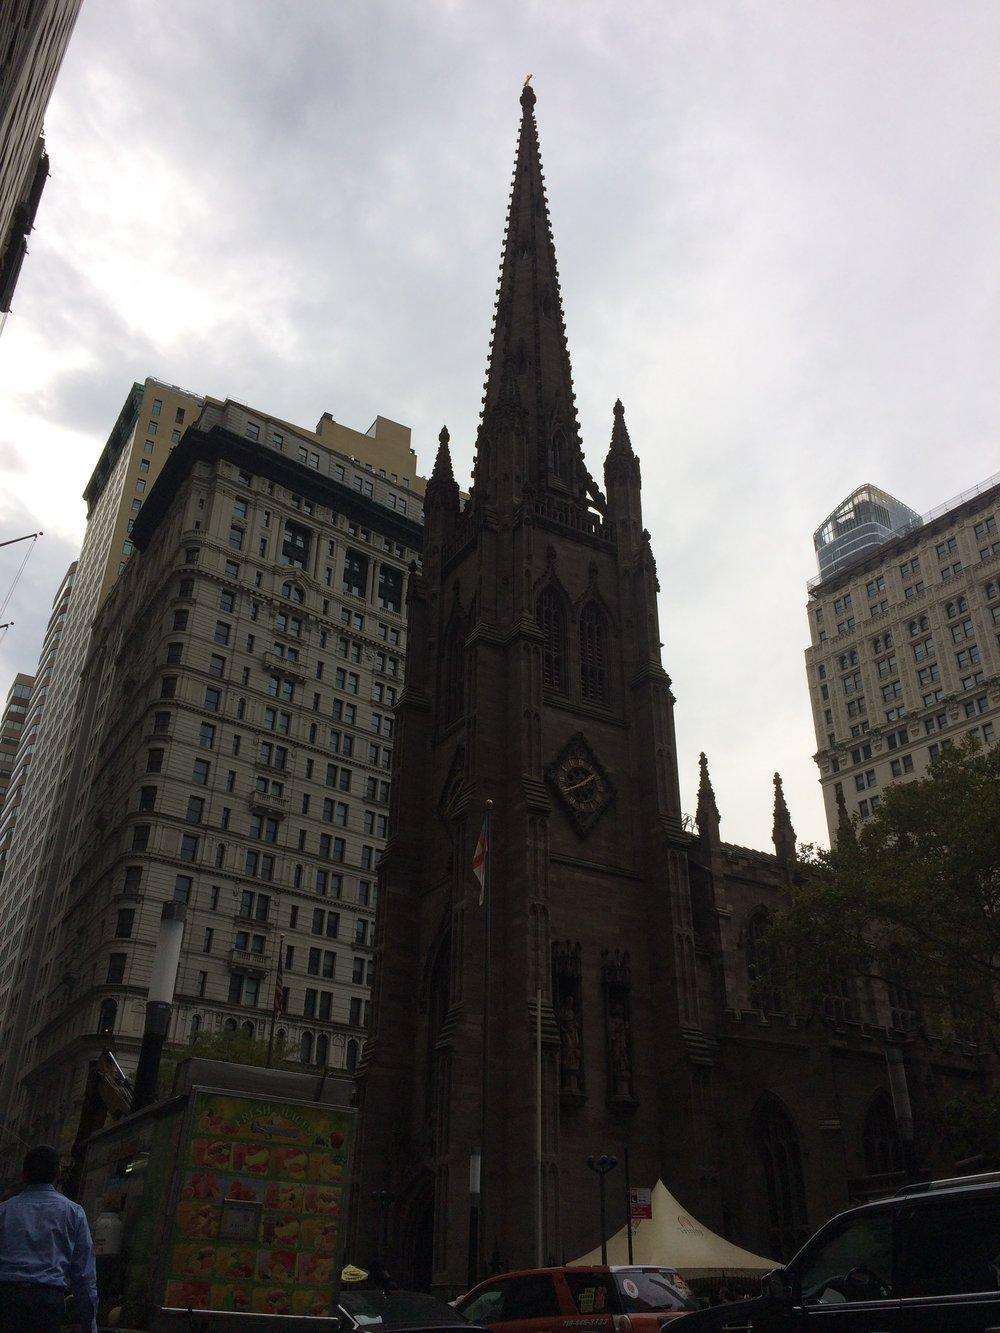 28. Trinity Church